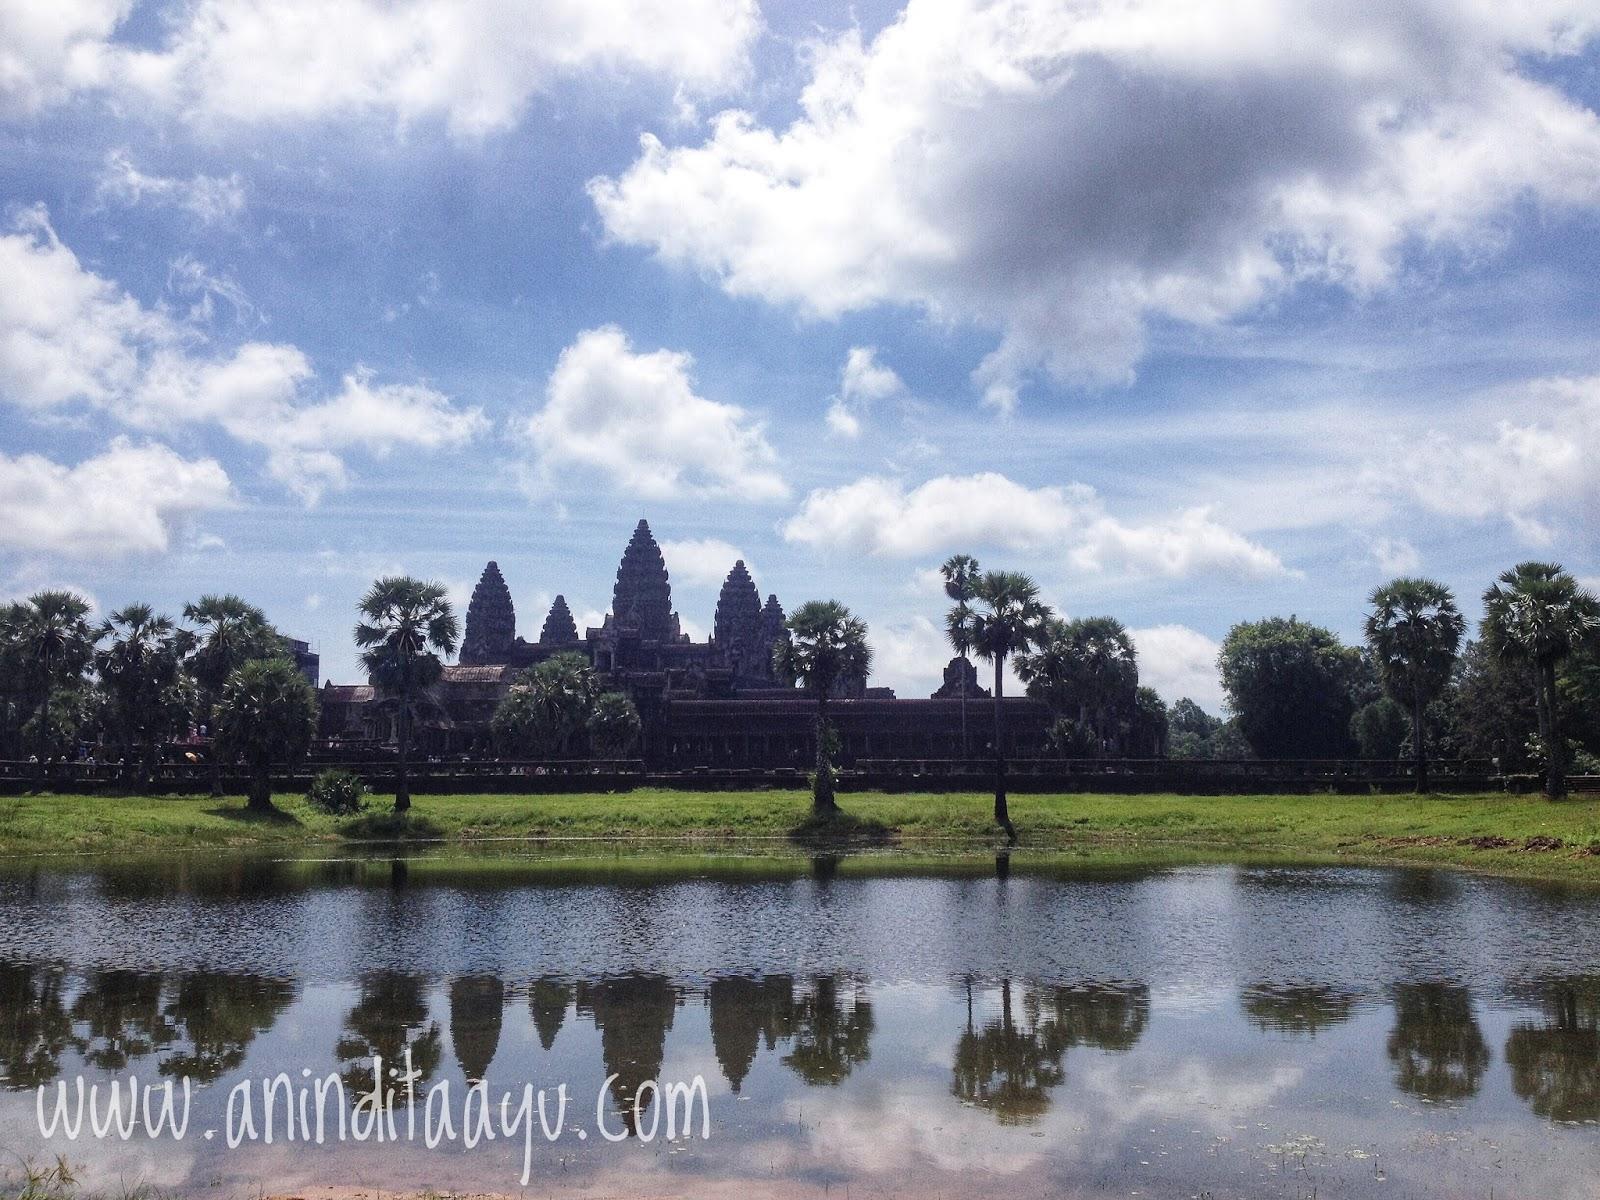 Angkor Wat, Siem Reap Cambodia liburan di luar kota